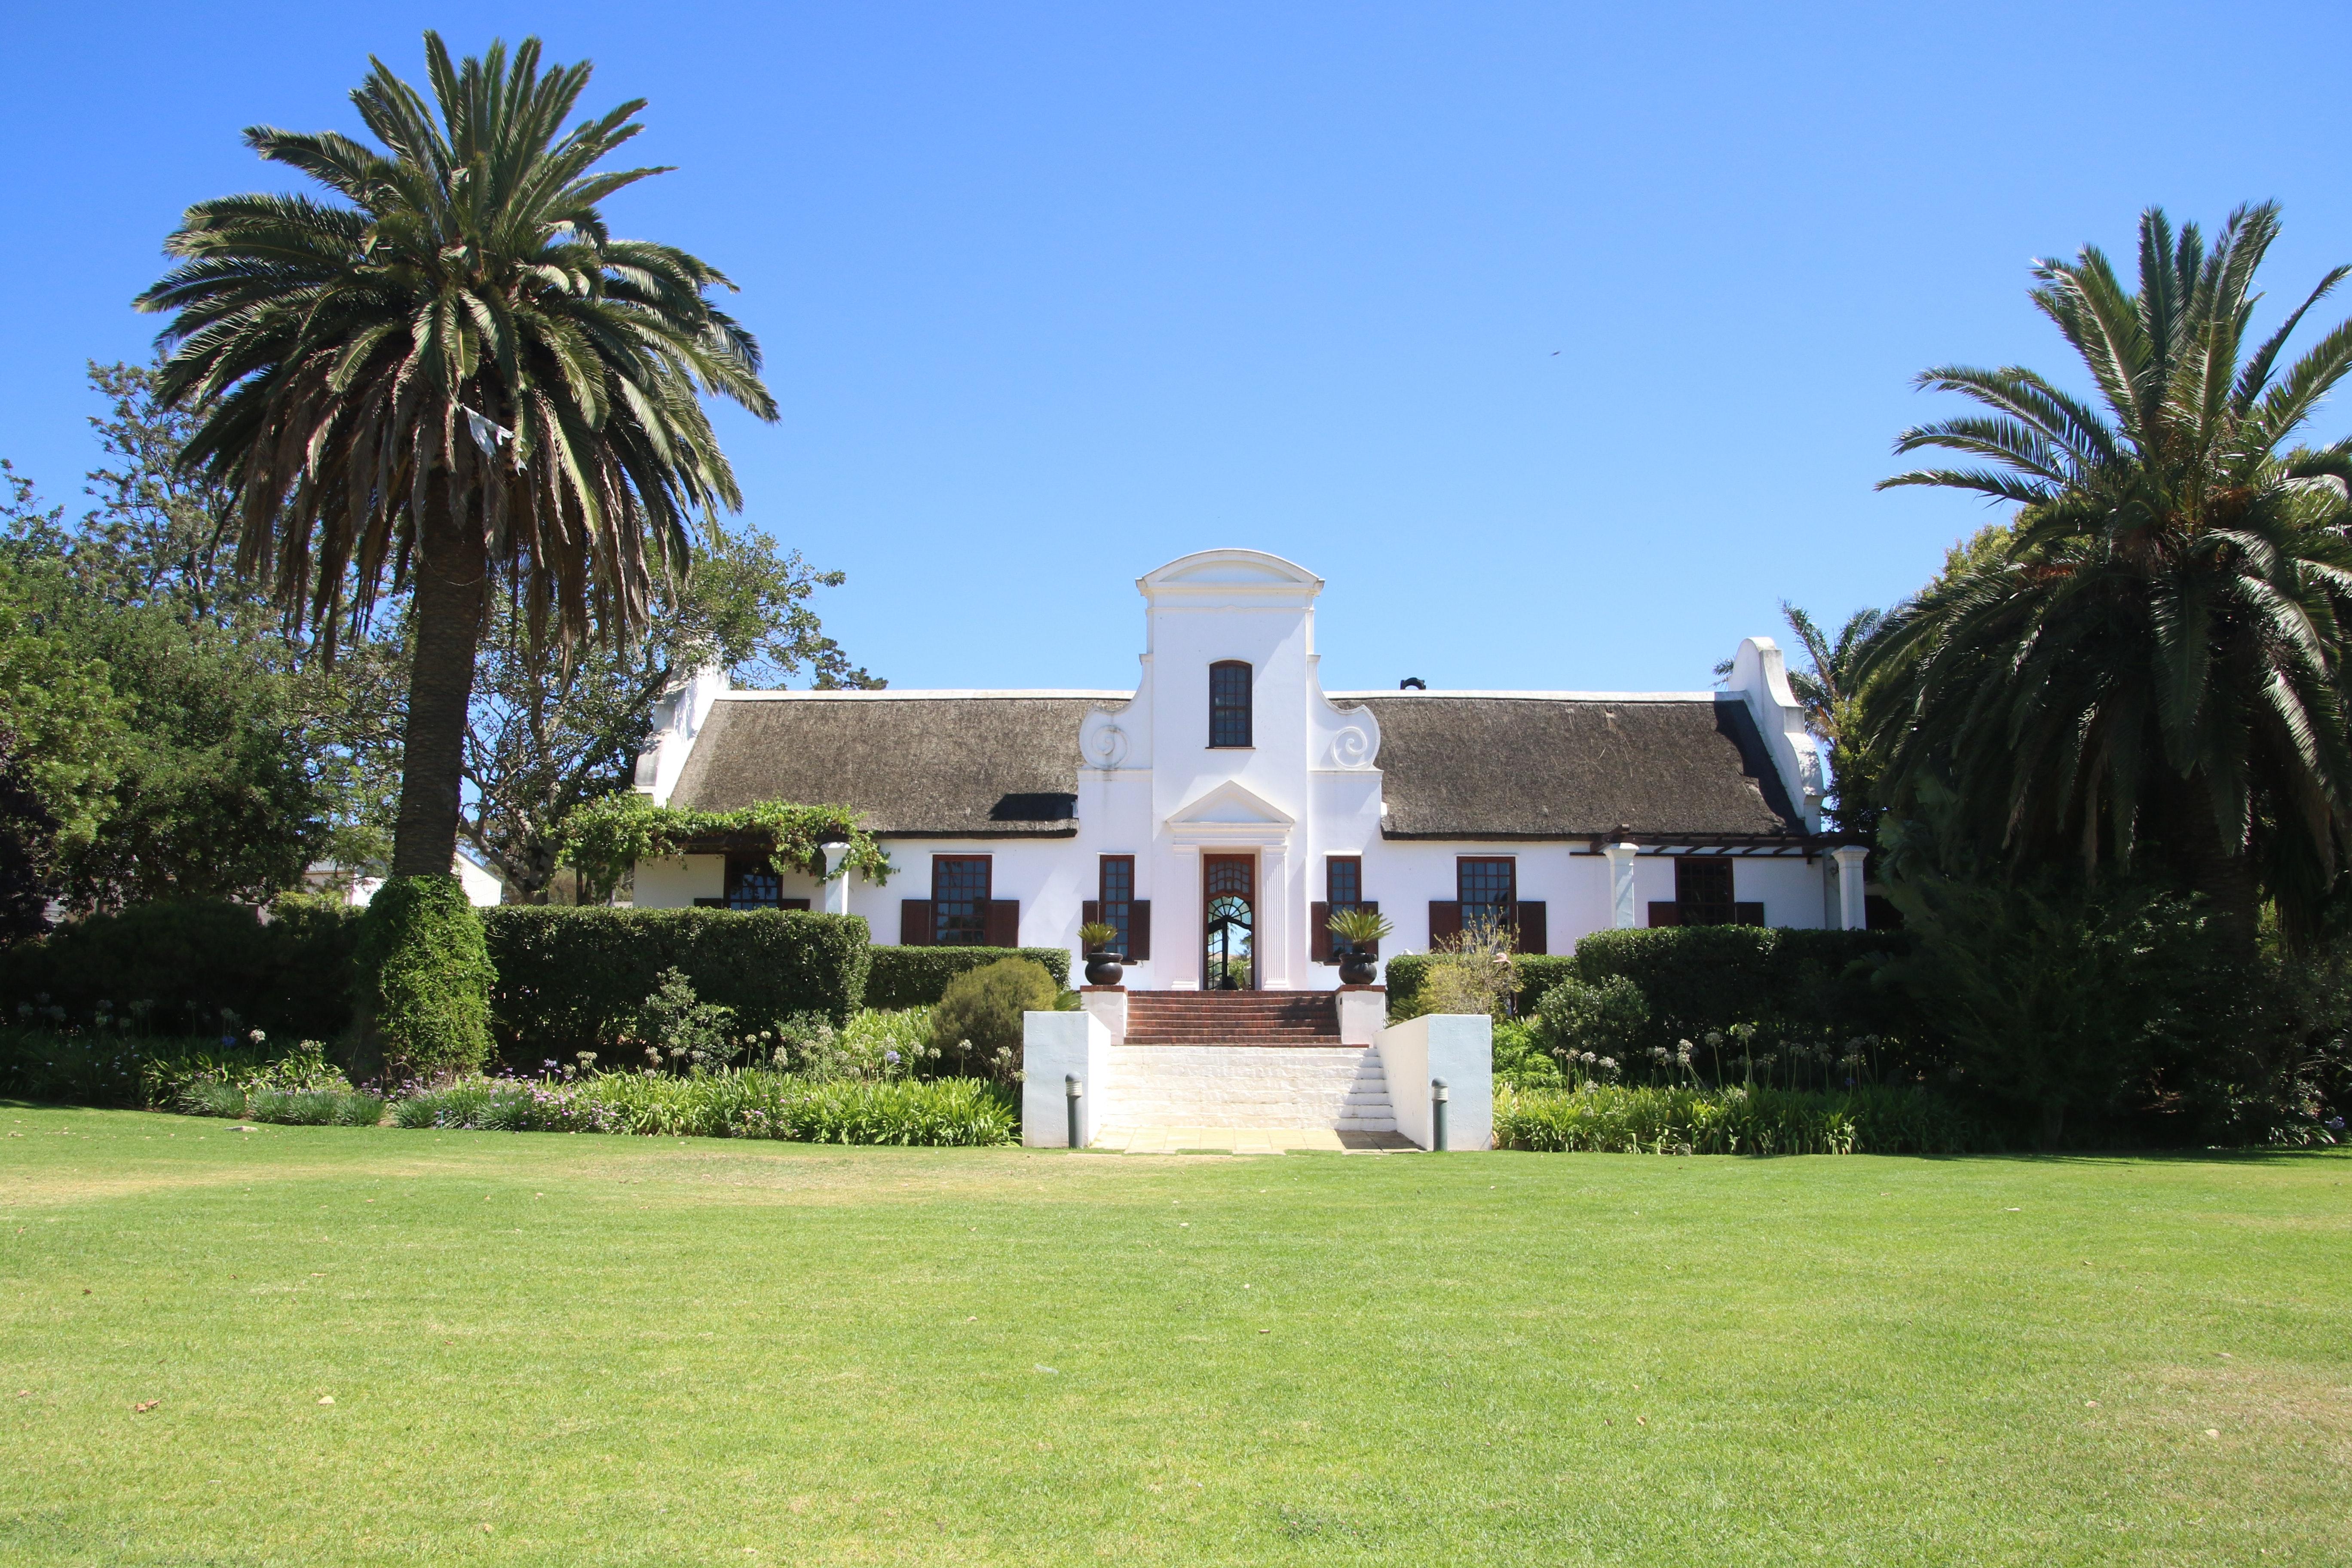 White mansion in the garden photo